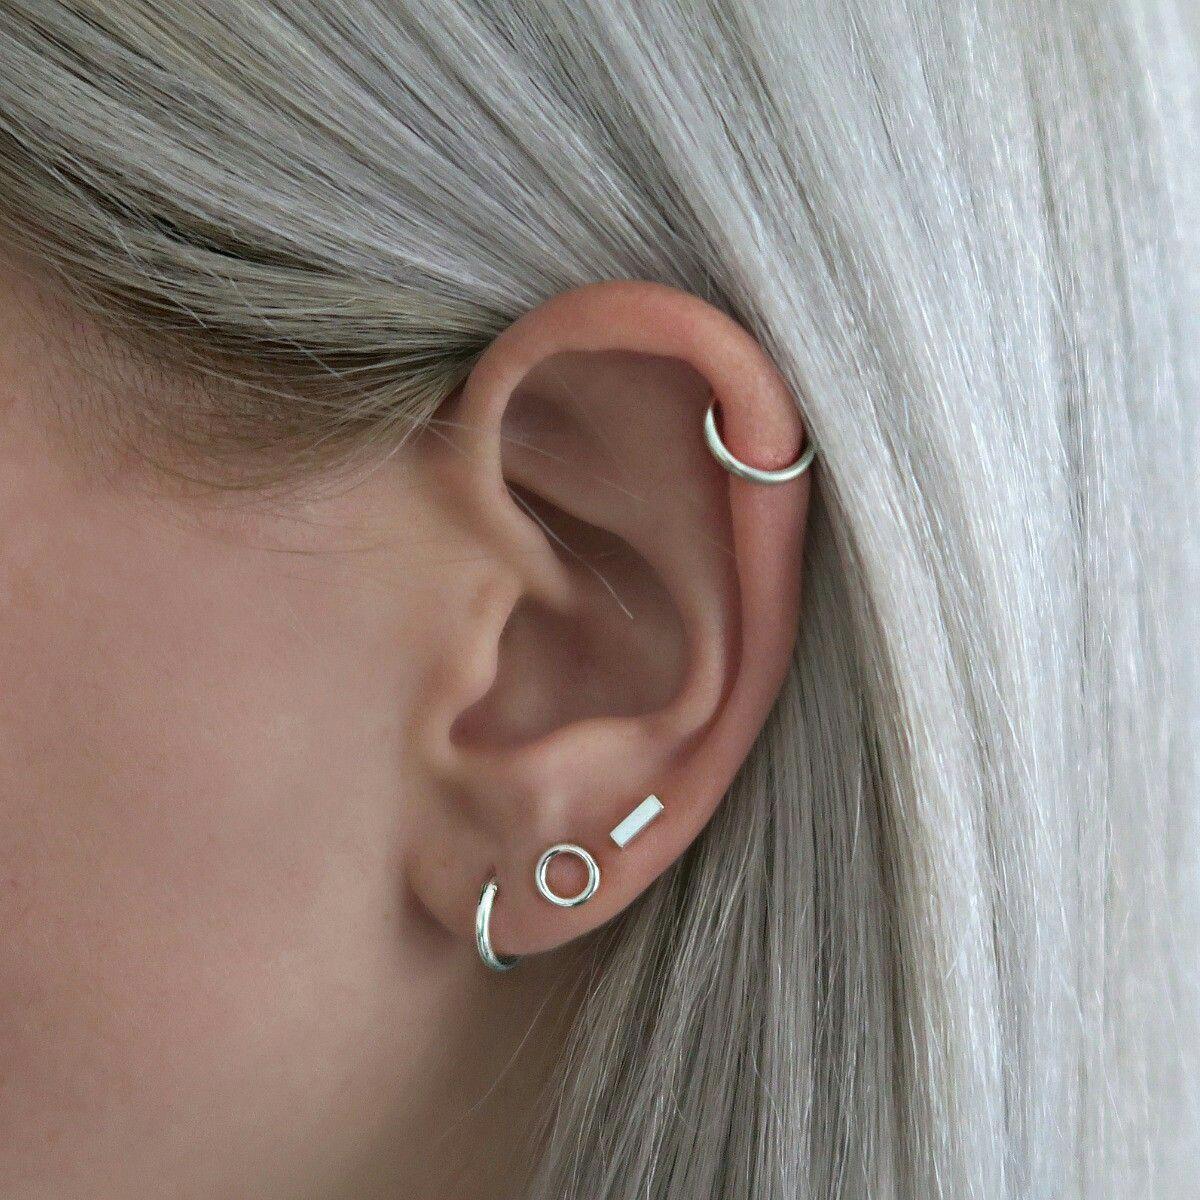 Fine Jewelry Online Jewelry In 2019 Piercings Ear Piercings